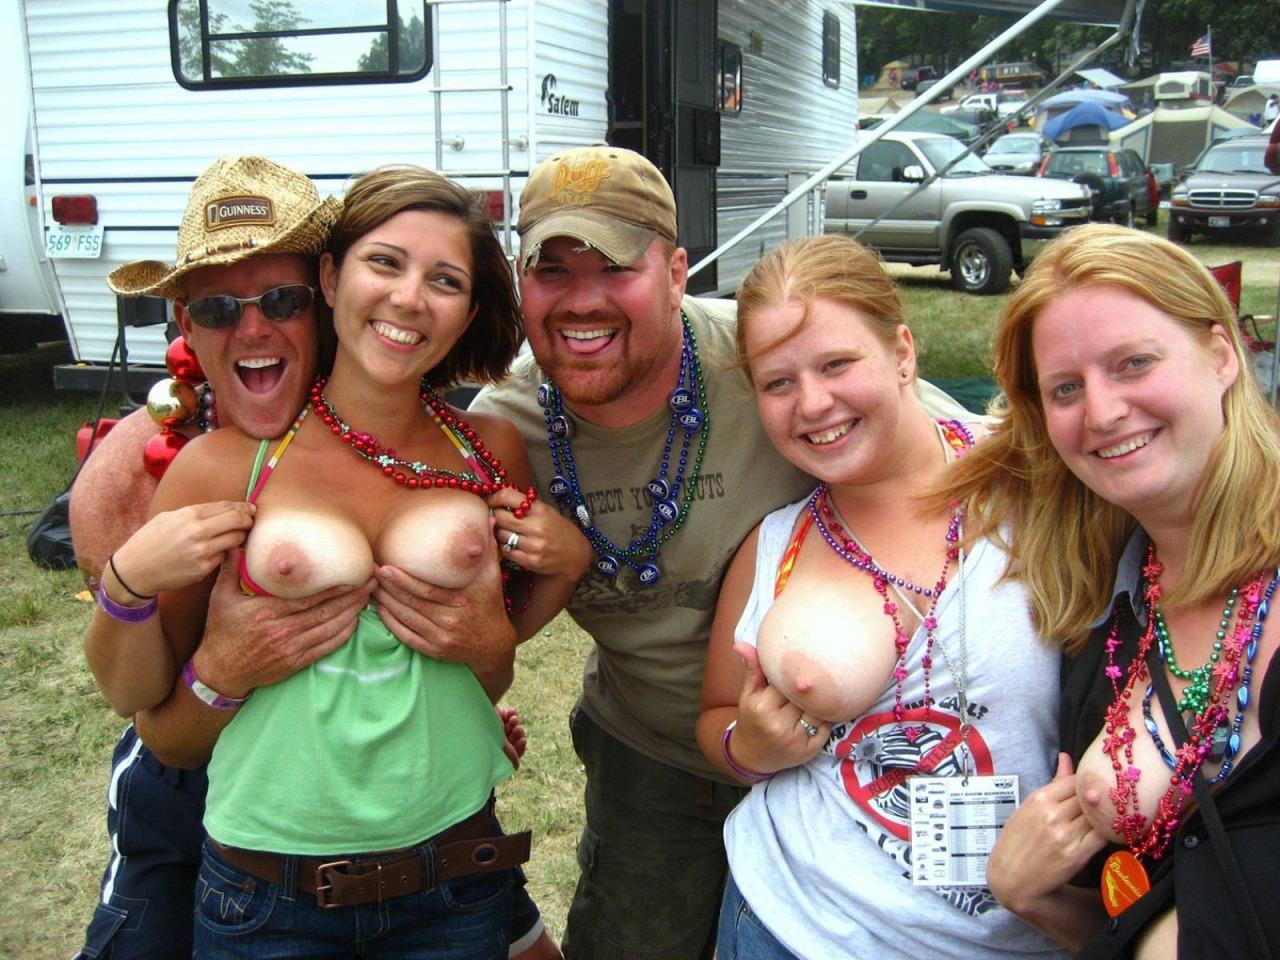 Naked Redneck Women